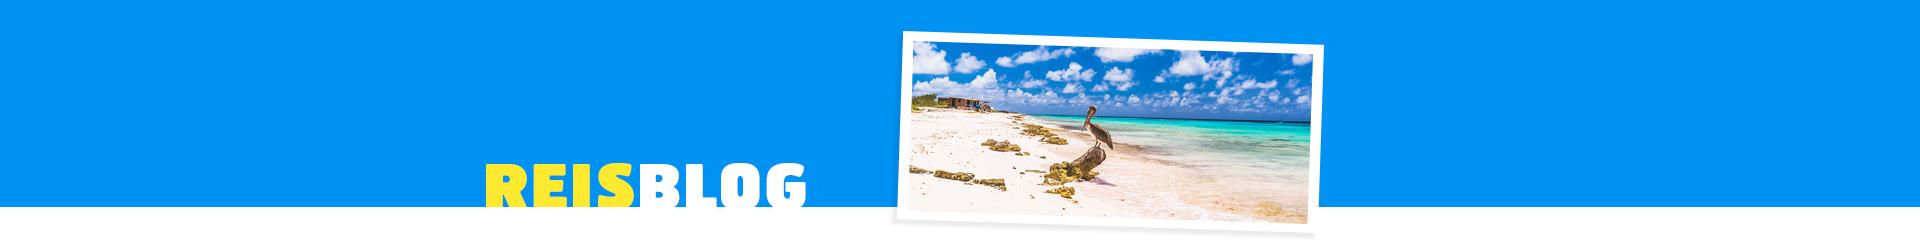 Prachtig zandstrand van Bonaire